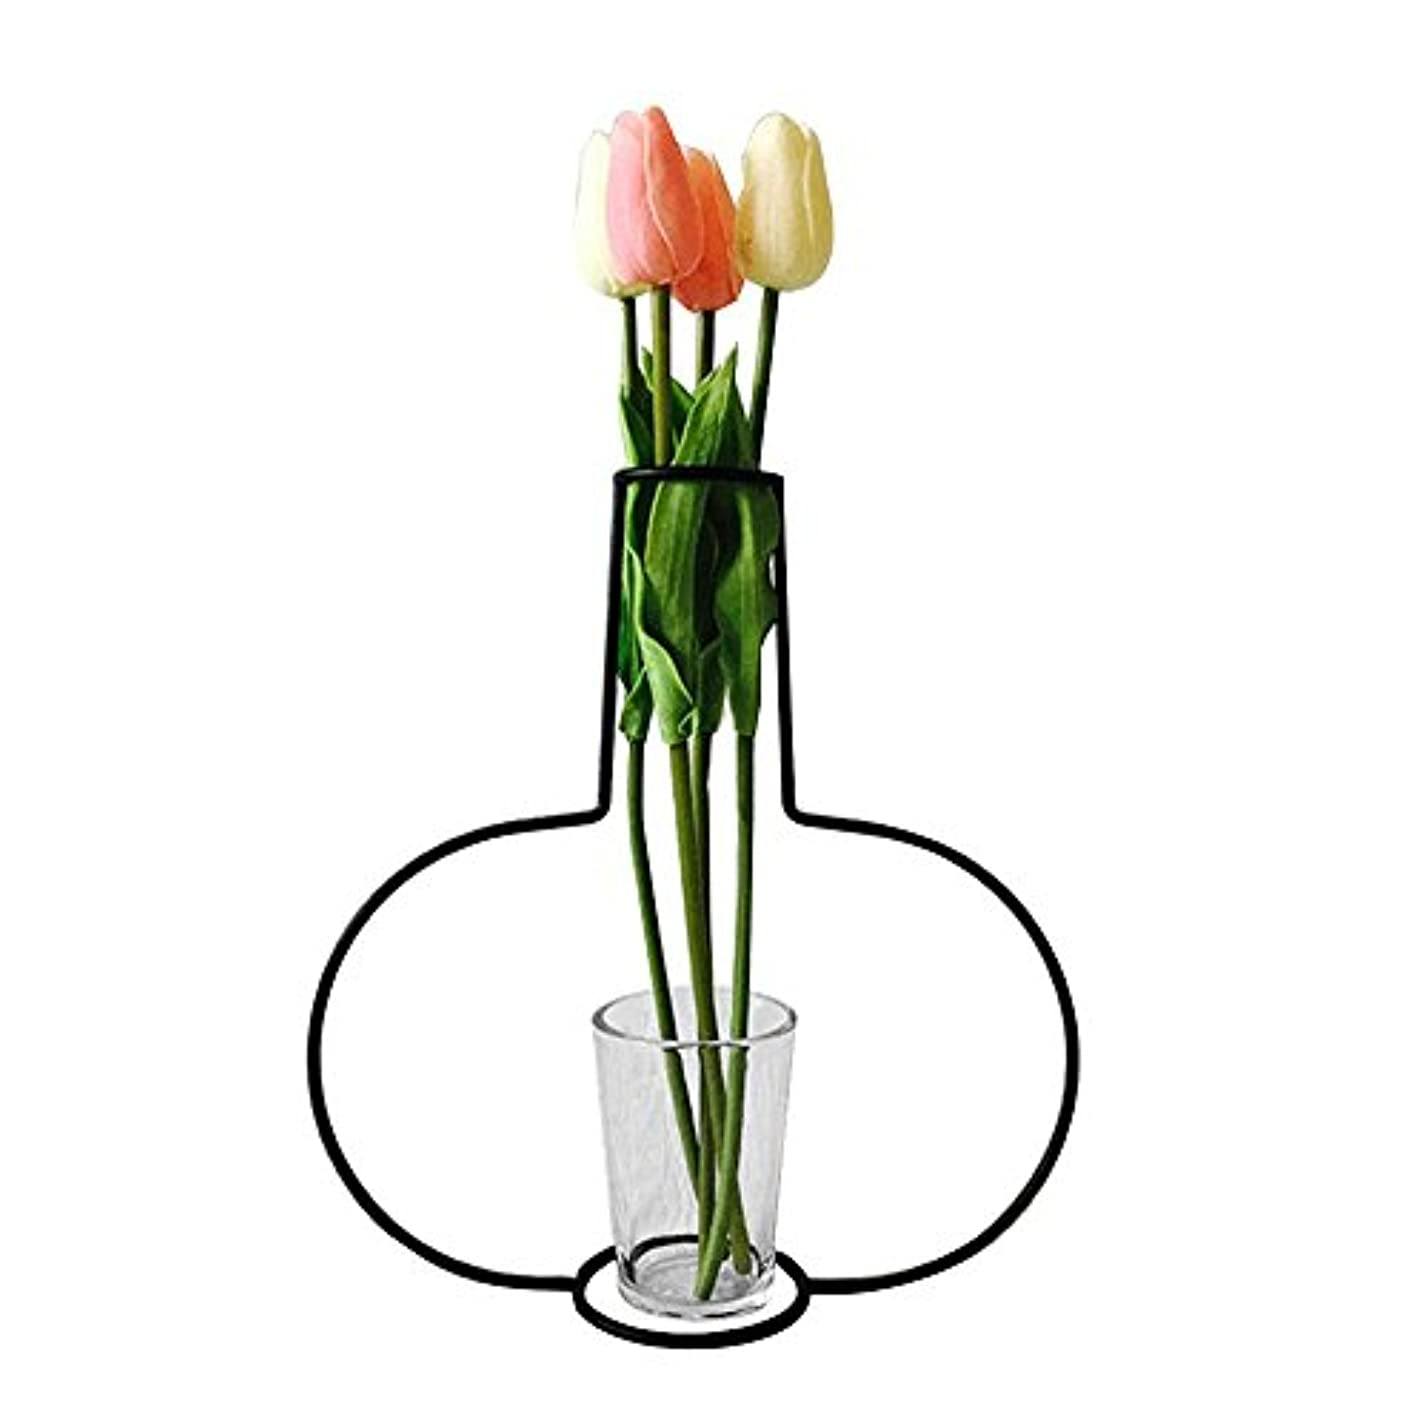 プレゼンロバ常にJicorzo - グローブフェアリーミニチュアガーデン装飾アイアンアートクラフトシンプルバルコニーフラワーポットスタンドヴィンテージ家の庭の装飾アクセサリー[G10]